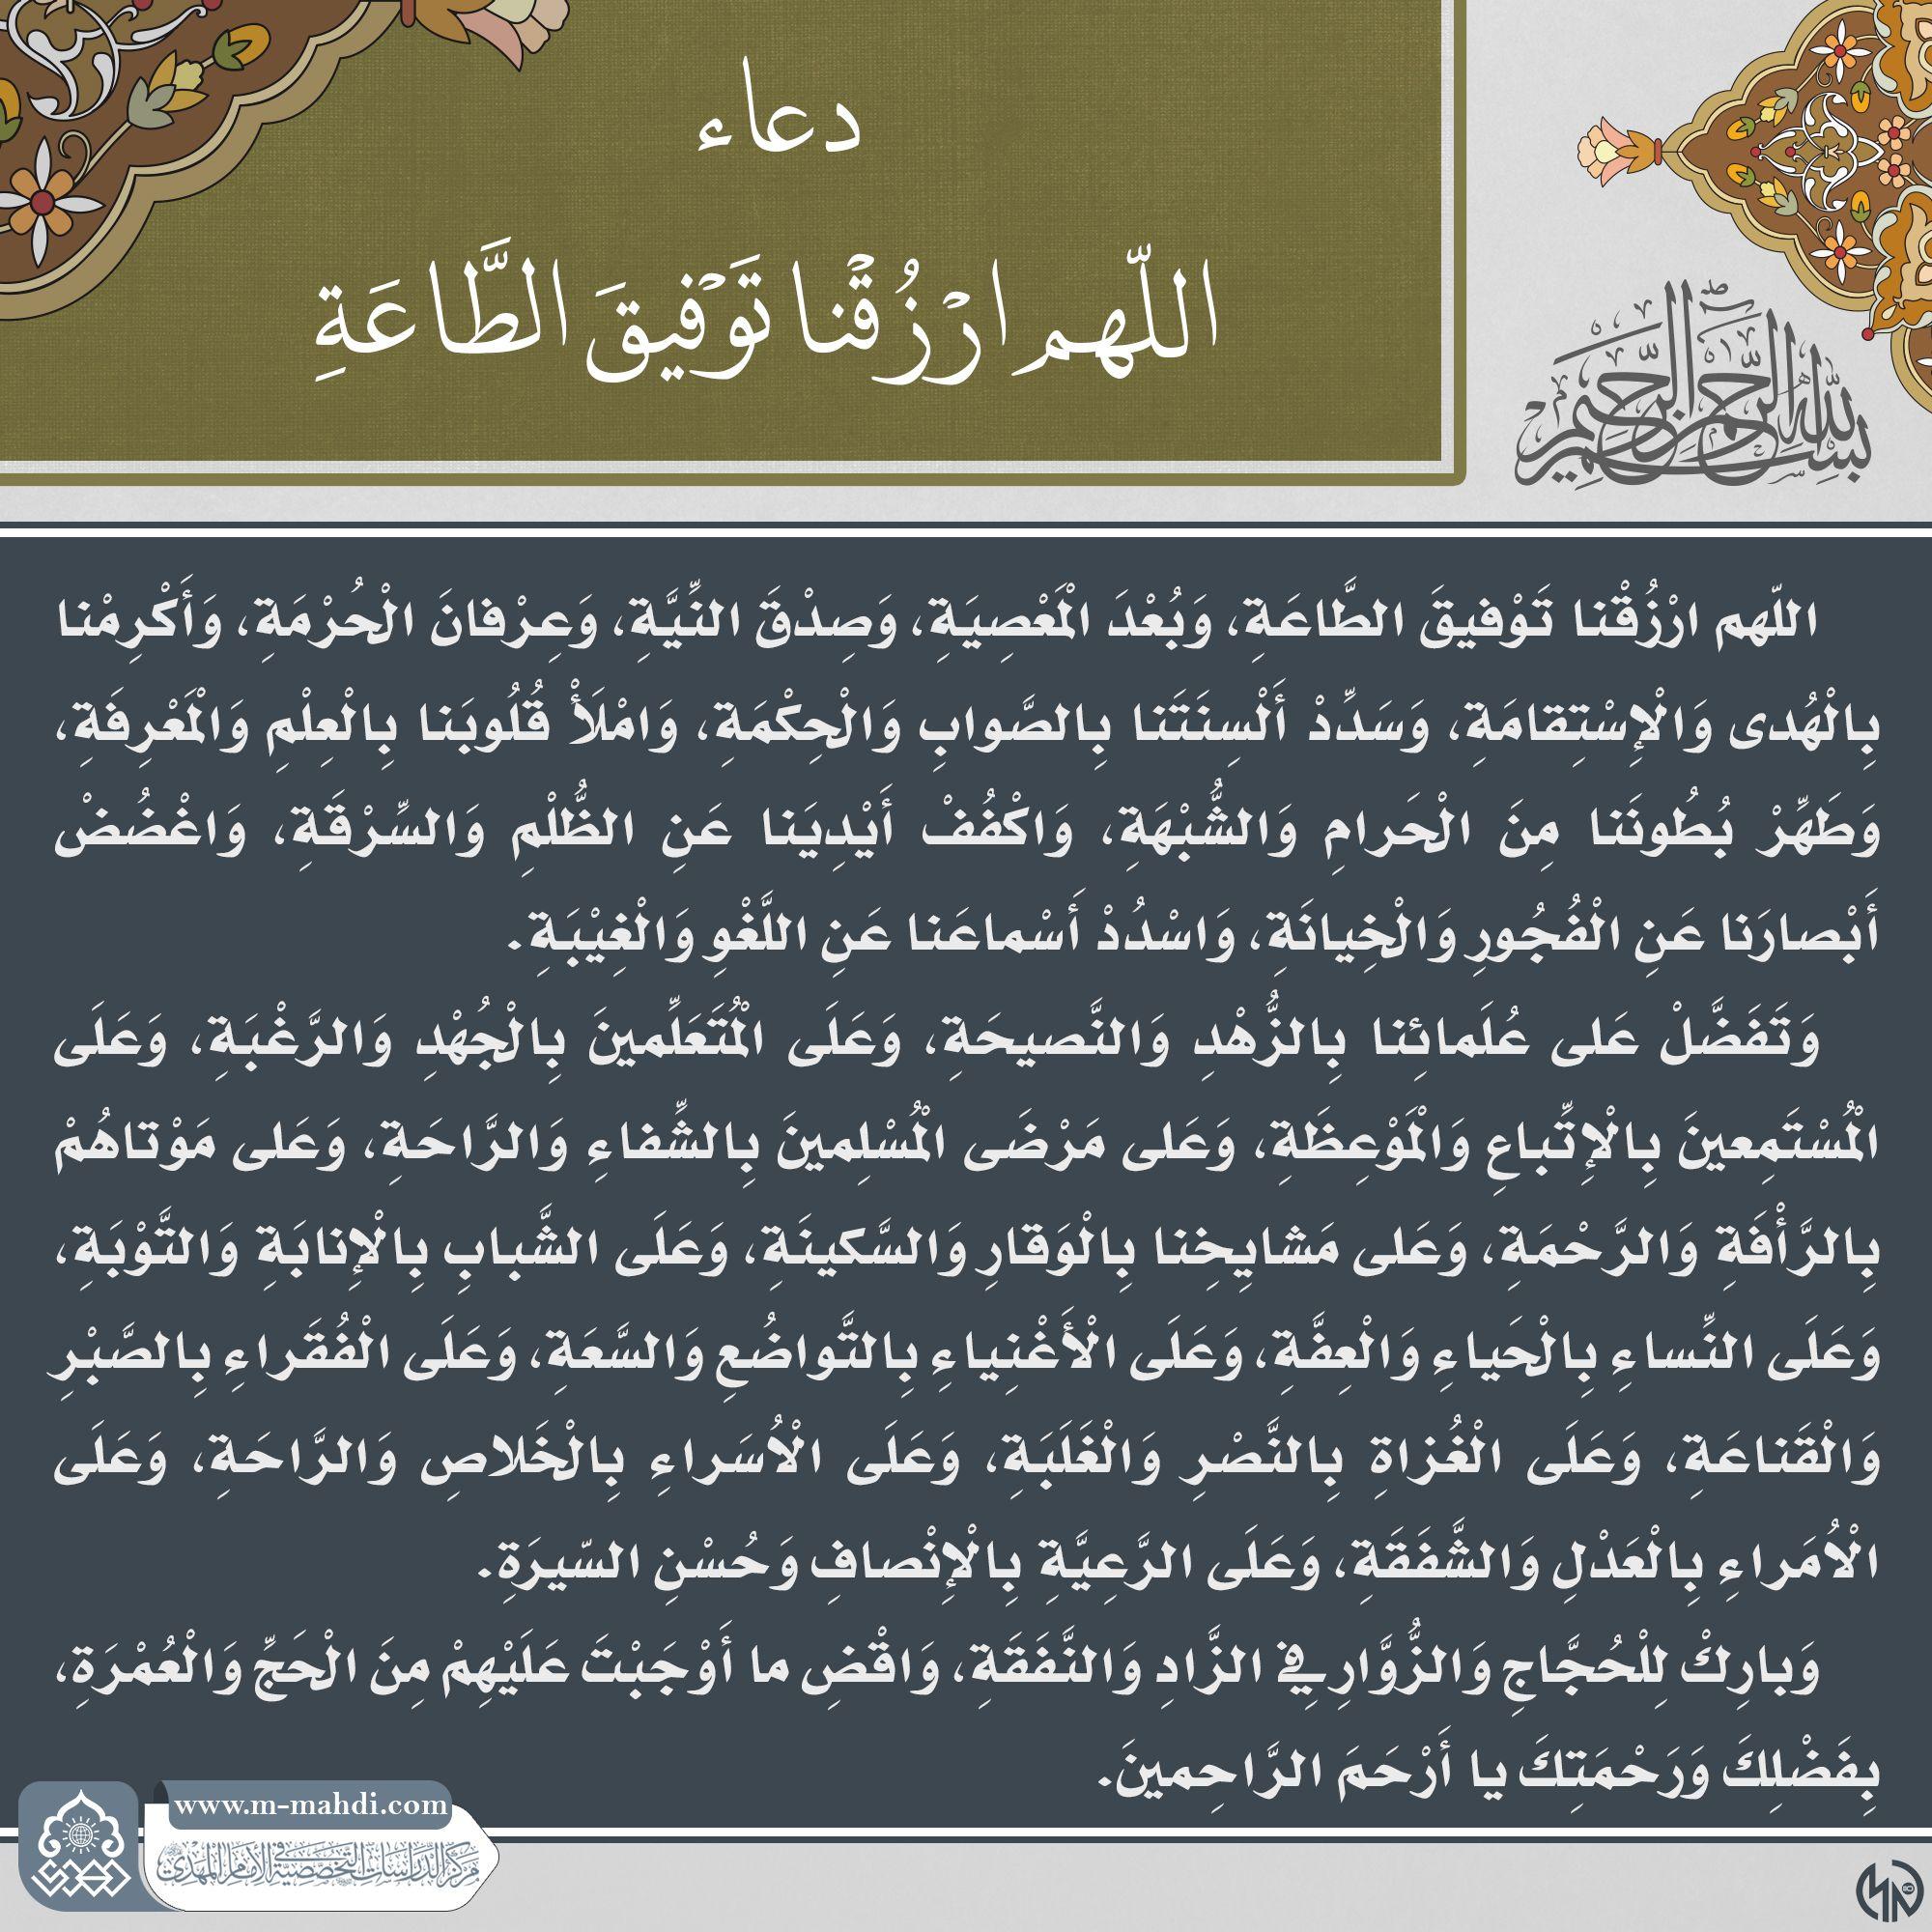 الأدعية المهدوية Allah Islam